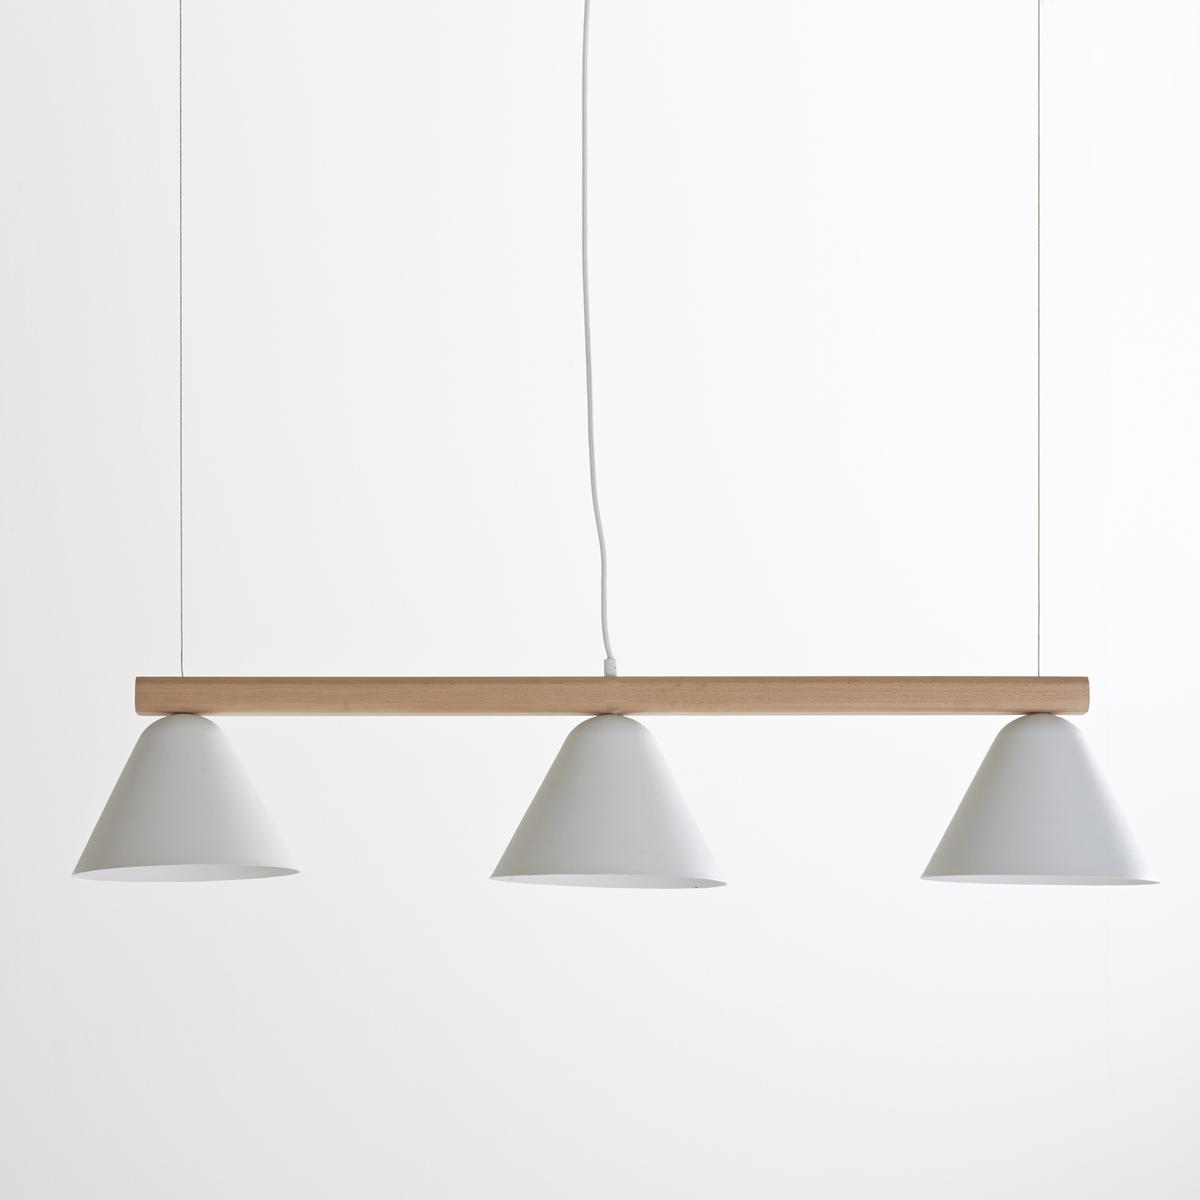 Светильник длинный, CotapiСветильник длинный Cotapi. Светильник с 3 абажурами Cotapi  в индустриальном стиле крепится на потолок на необходимой высоте над центральной зоной или над обеденным столом.Описание длинного светильника Cotapi :Патрон E27 для лампочки 40W (не входит в комплект) .Этот светильник совместим с лампочками    энергетического класса   : A, B, C, D, E.Описание длинного светильника Cotapi :Каркас из массива ясеня с матовым покрытием и металла с белым матовым покрытием .Абажур с белым матовым покрытием . Найдите подходящие светильники и другие модели из коллекции Cotapi на сайте laredoute .Размеры светильника Cotapi :Длина : 104 смГлубина : 22,5 смВысота : макс 73 см (регулируется по высоте)Абажур: Выс16 x ?22,5 см<br><br>Цвет: белый<br>Размер: единый размер